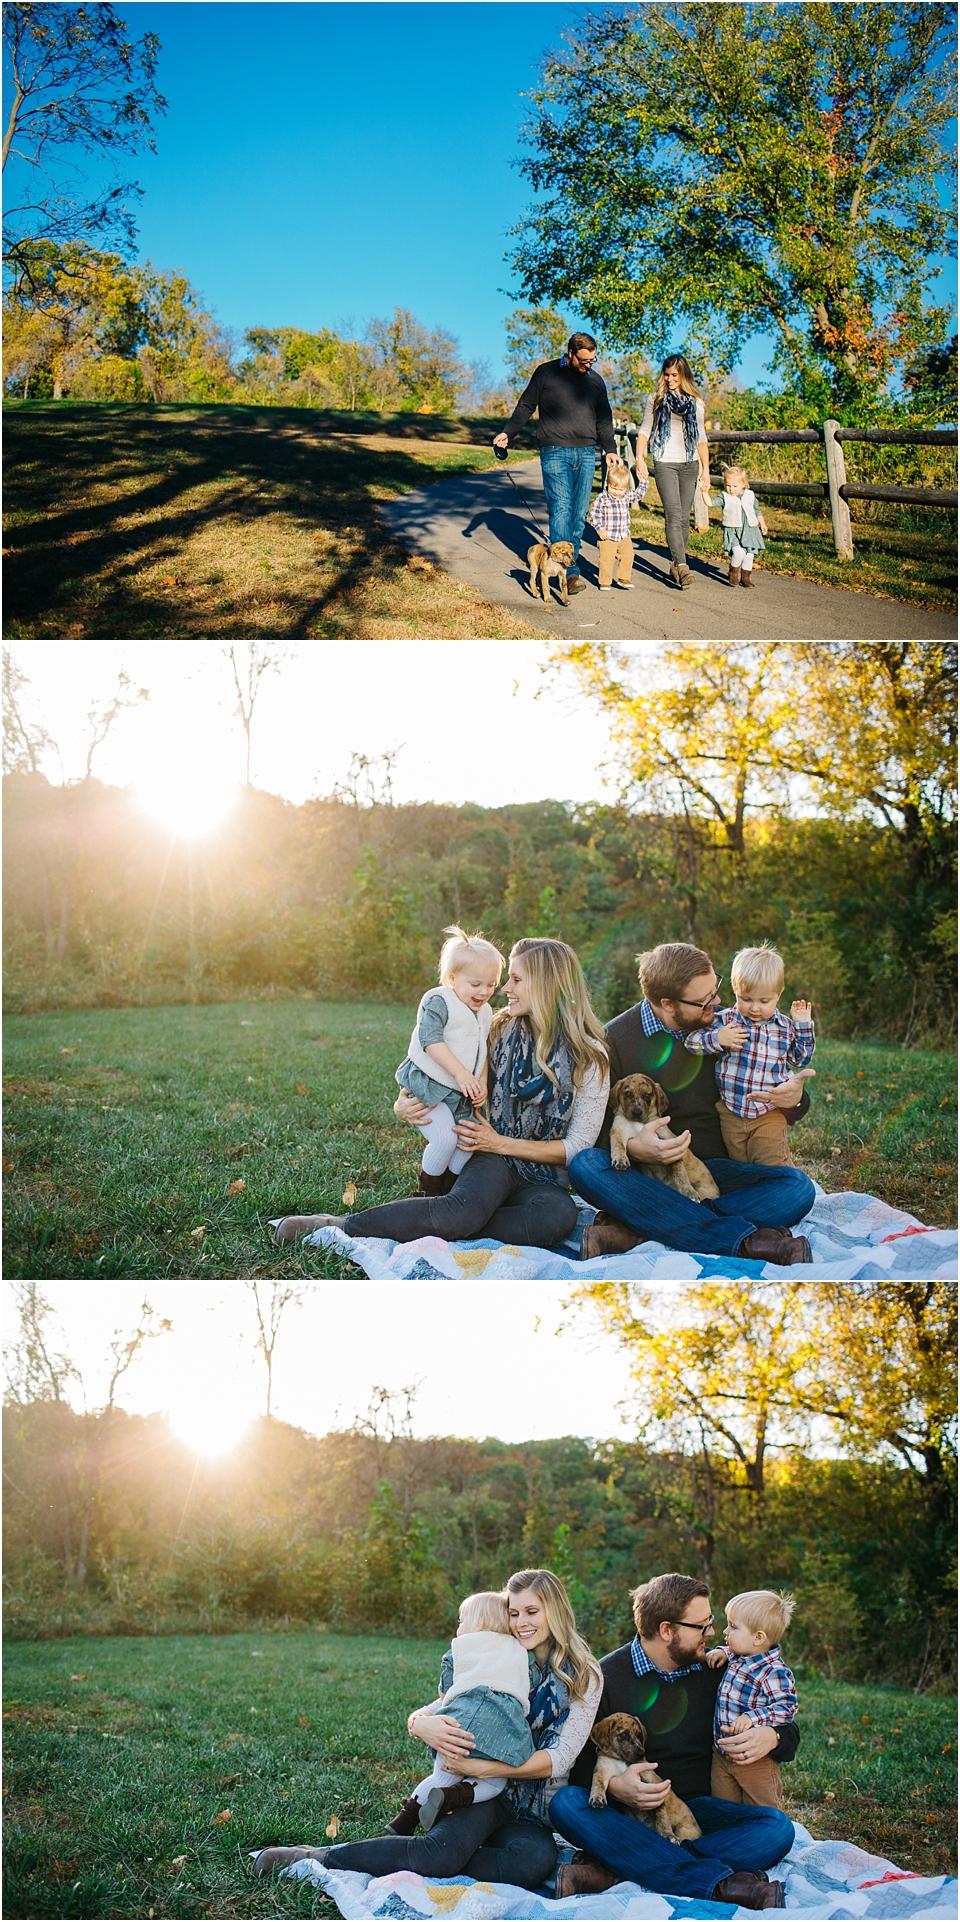 kansascitybestfamilyphotographer_0100